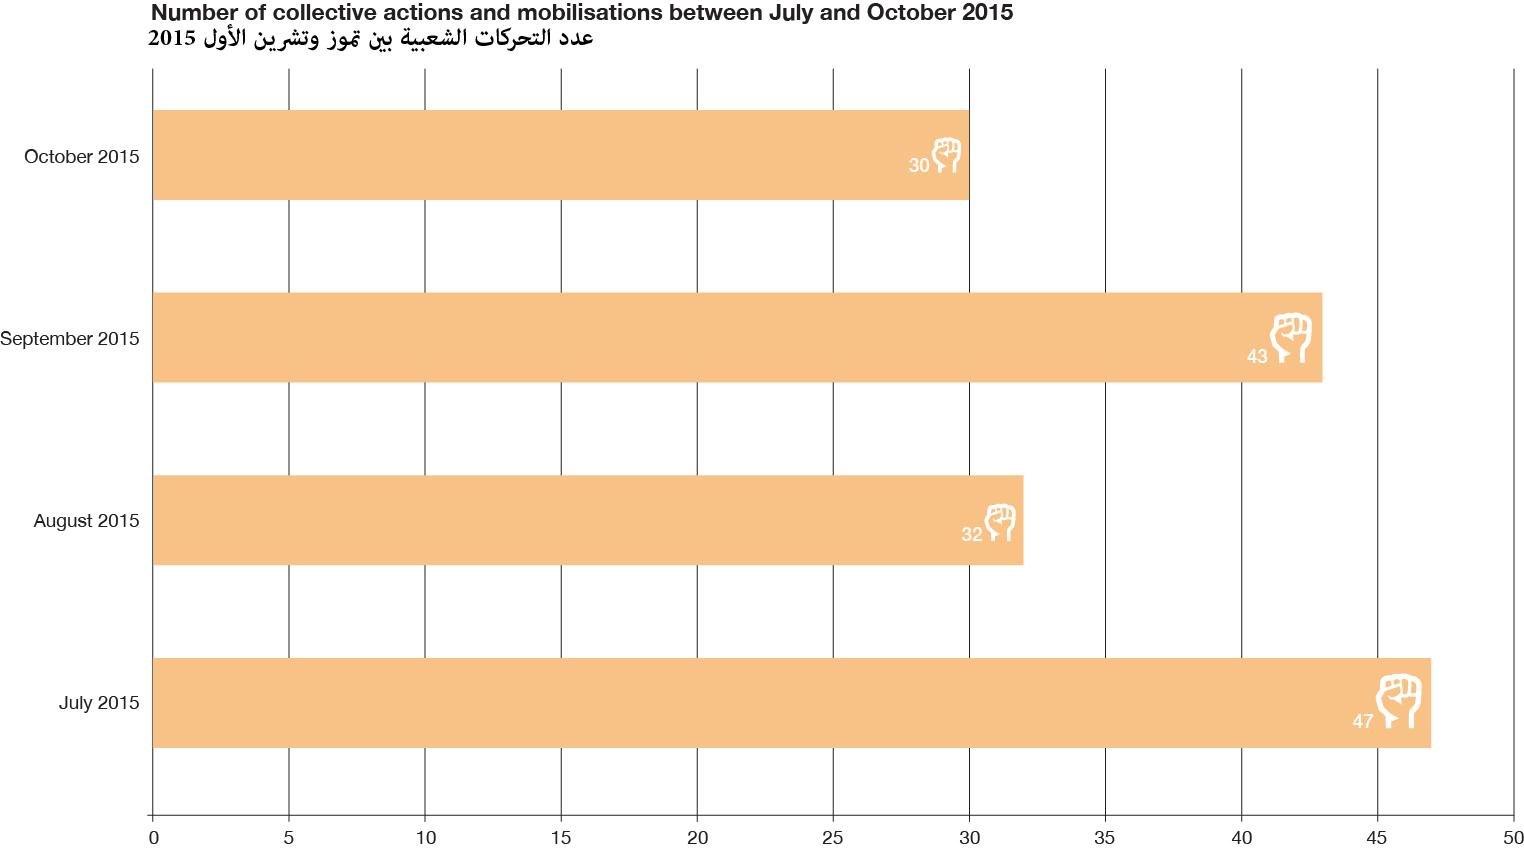 العجز الكلي المستهدف 8.4% يوازي 438.594 مليار جنيه مقابل 9.8% يوازي 431.081  مليارا متوقعة في 2017-2018.